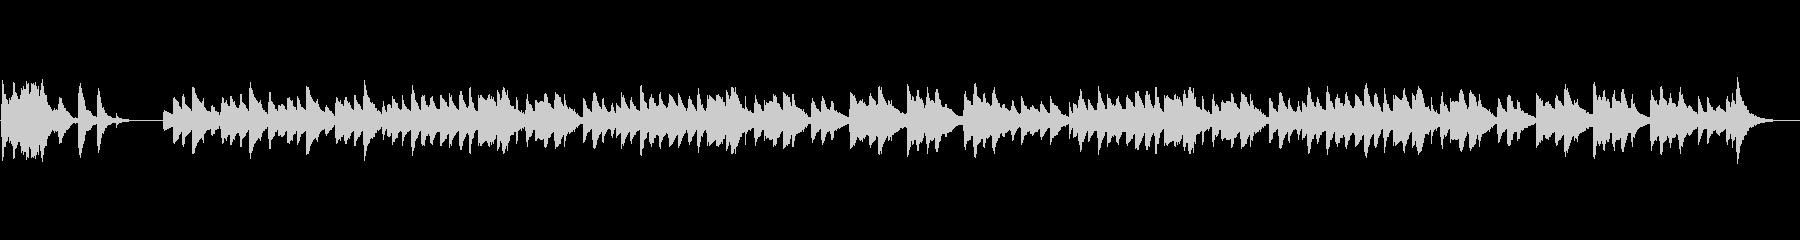 癒しのharpソロ楽曲の未再生の波形